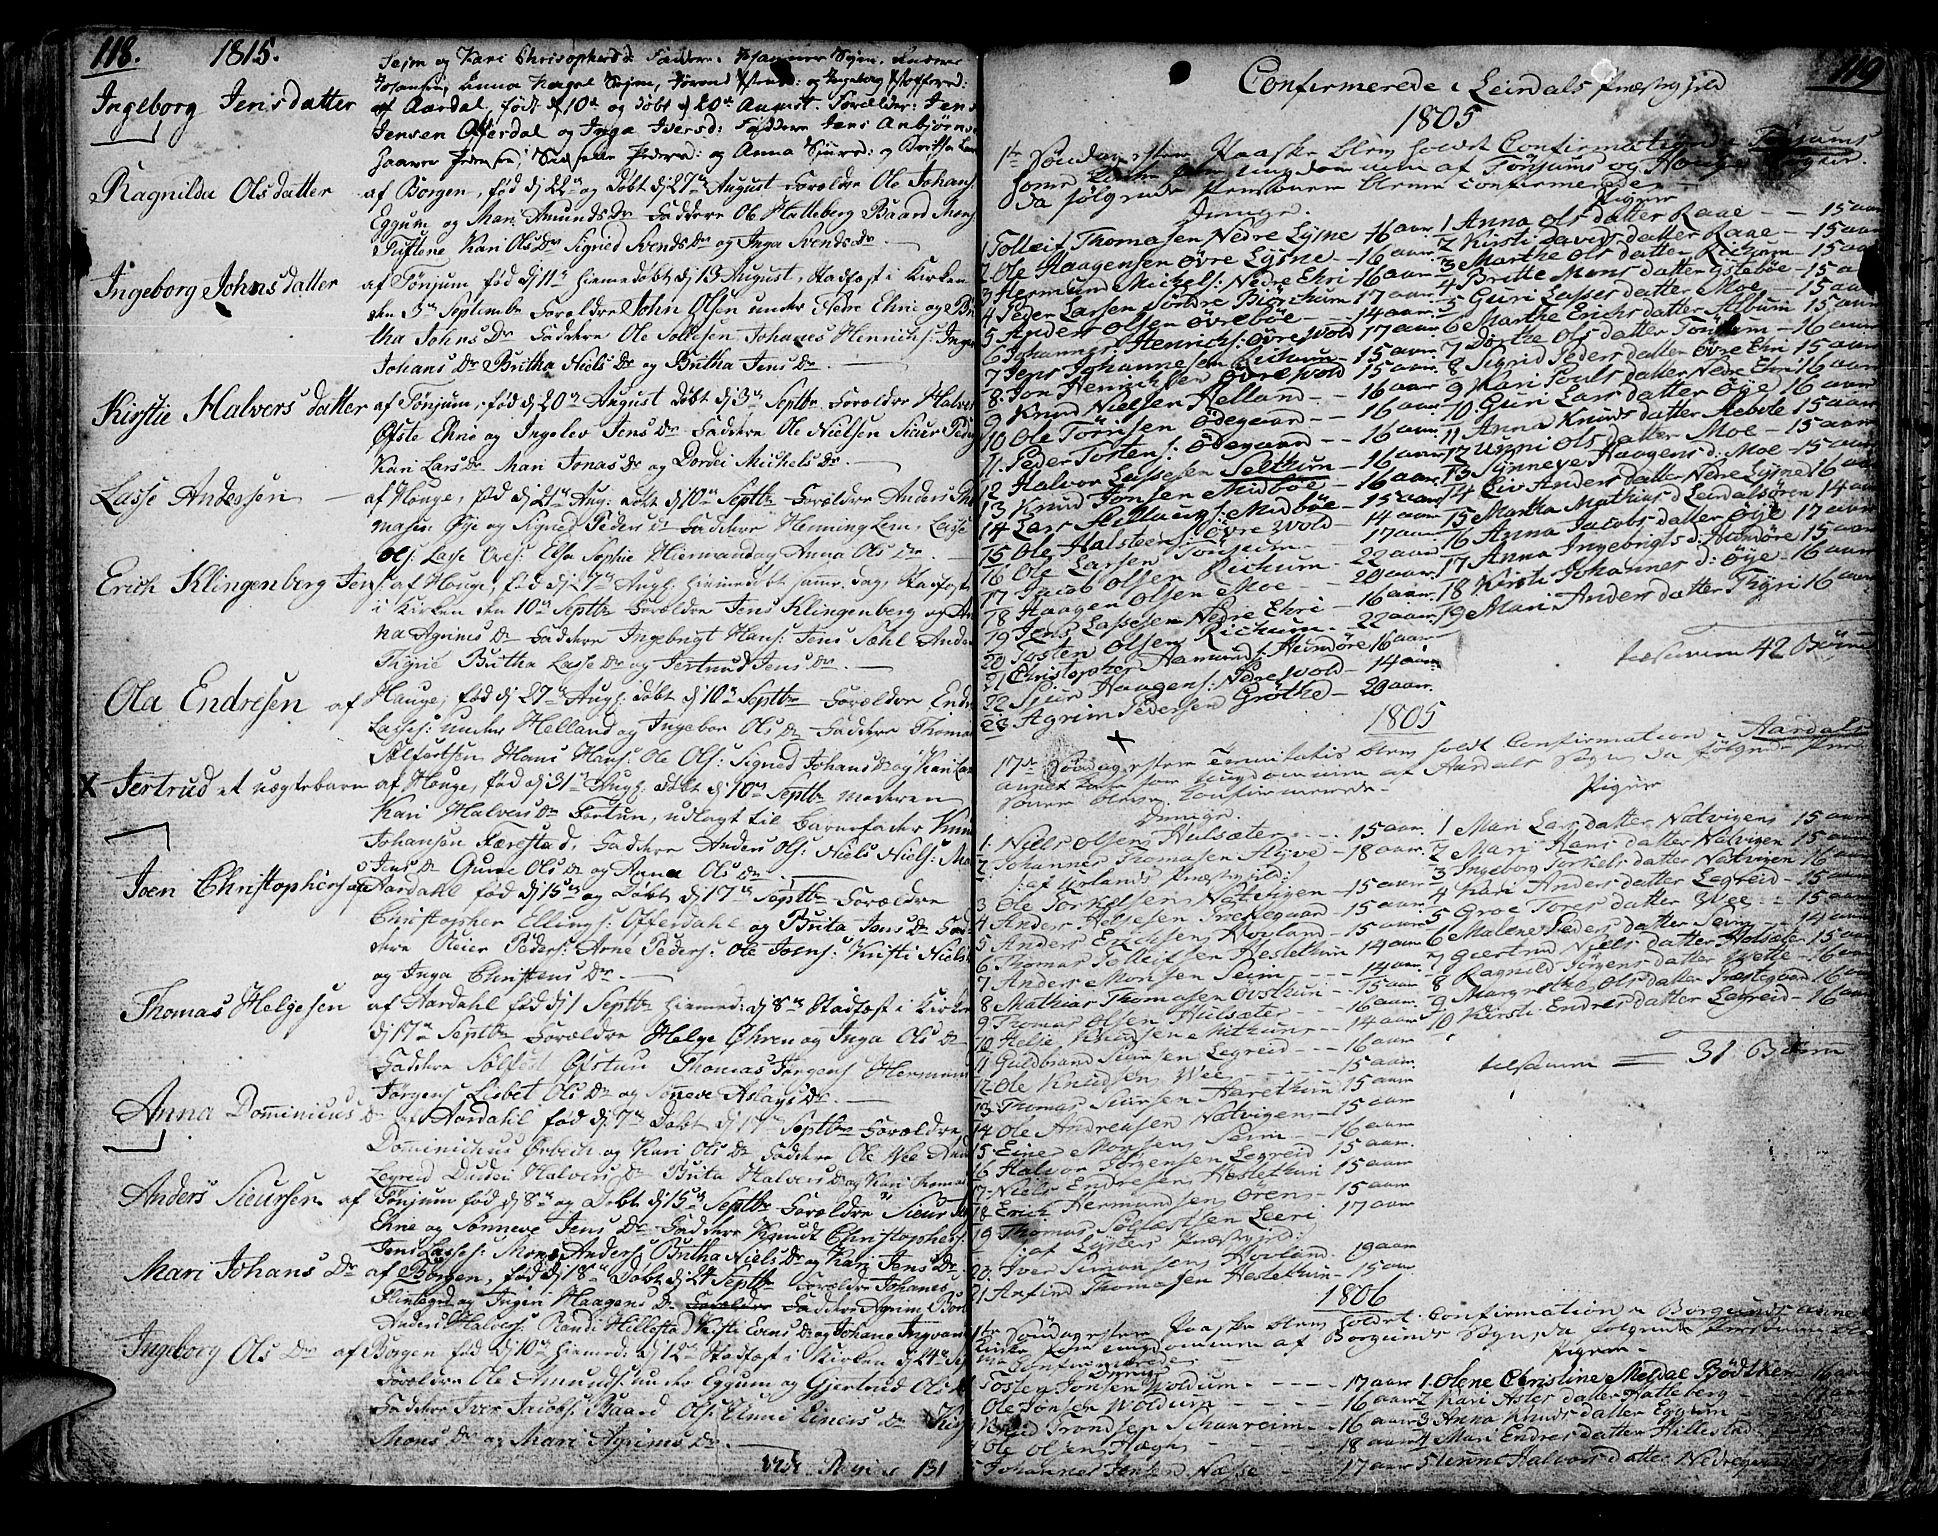 SAB, Lærdal sokneprestembete, Ministerialbok nr. A 4, 1805-1821, s. 118-119